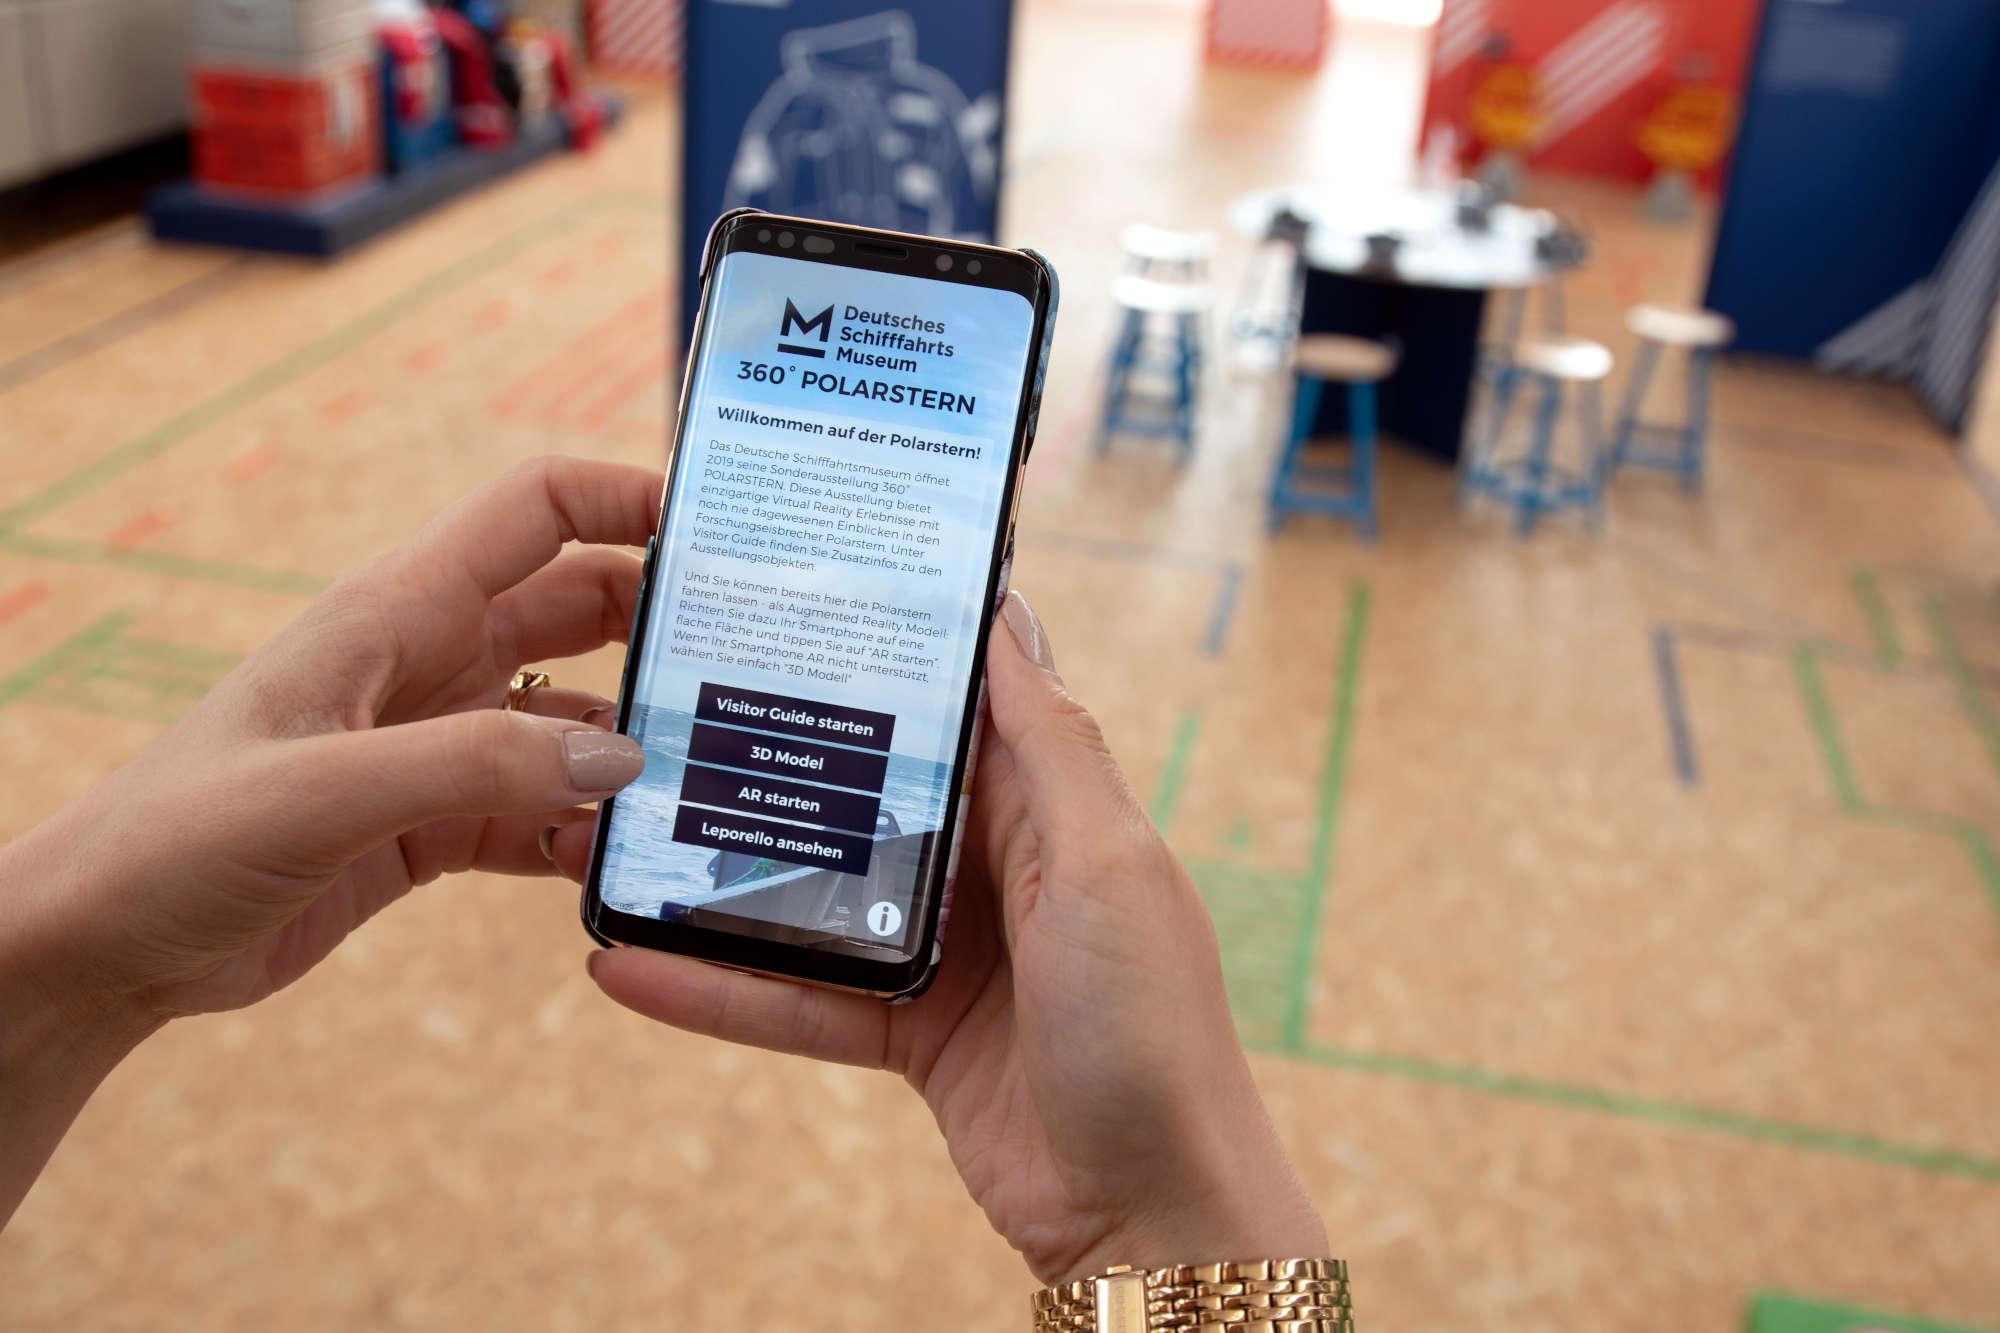 In der Sonderausstellung 360° POLARSTERN - Eine virtuelle Forschungsexpedition ist bereits eine App im Einsatz (Foto: DSM / Mareike Heger)